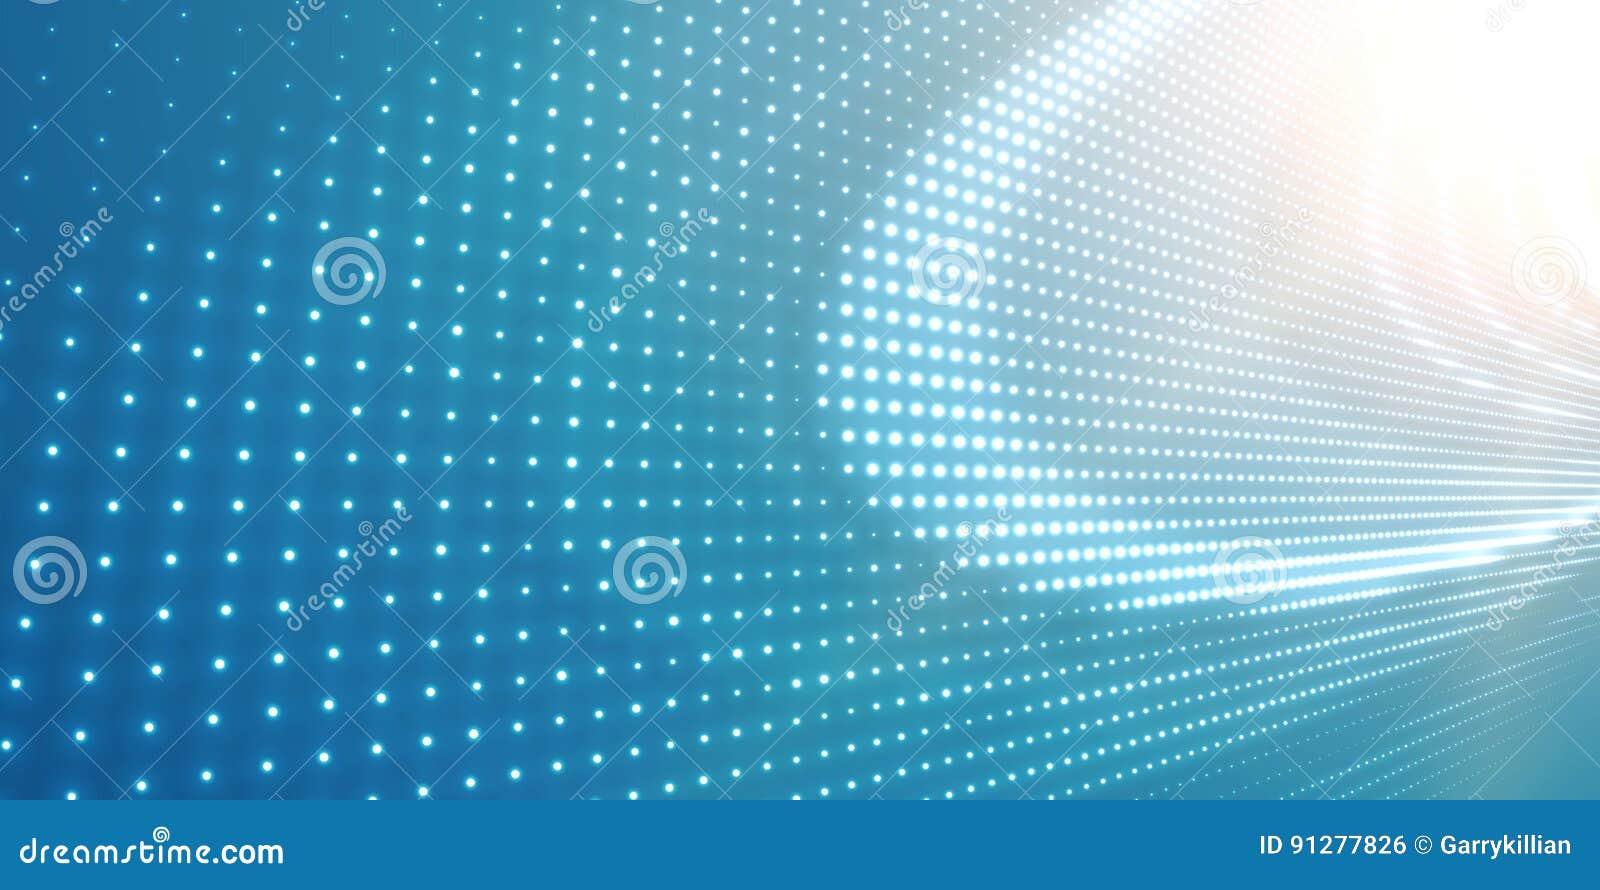 Abstrakt vektorljus - blå bakgrund med glänsande neonljus Neontecken med abstrakt bild i perspektiv